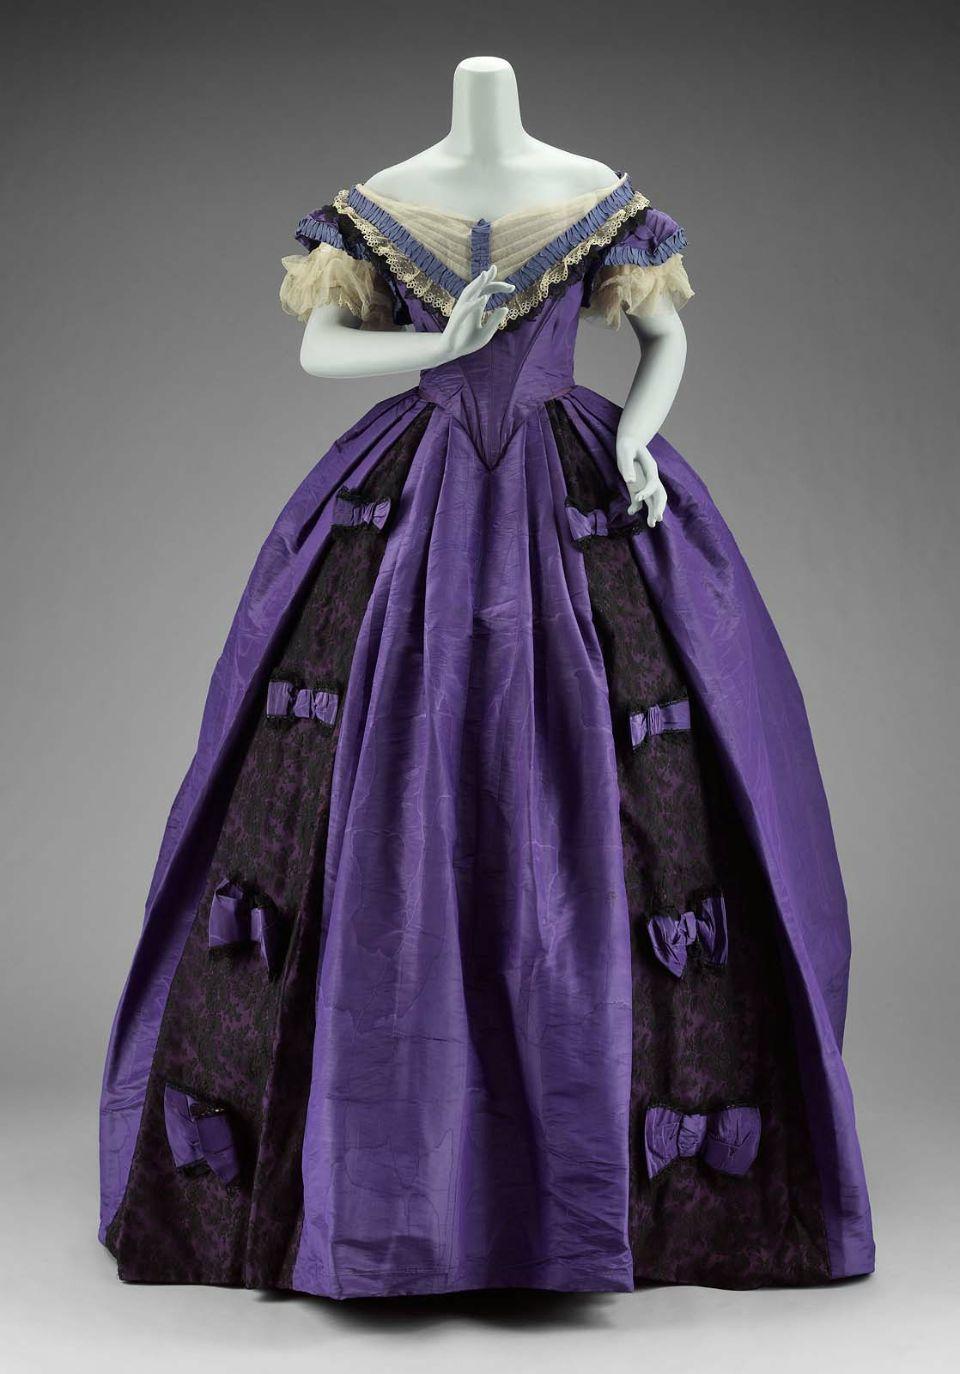 Jessie benton fremont purple moiré faille dress trimmed with black